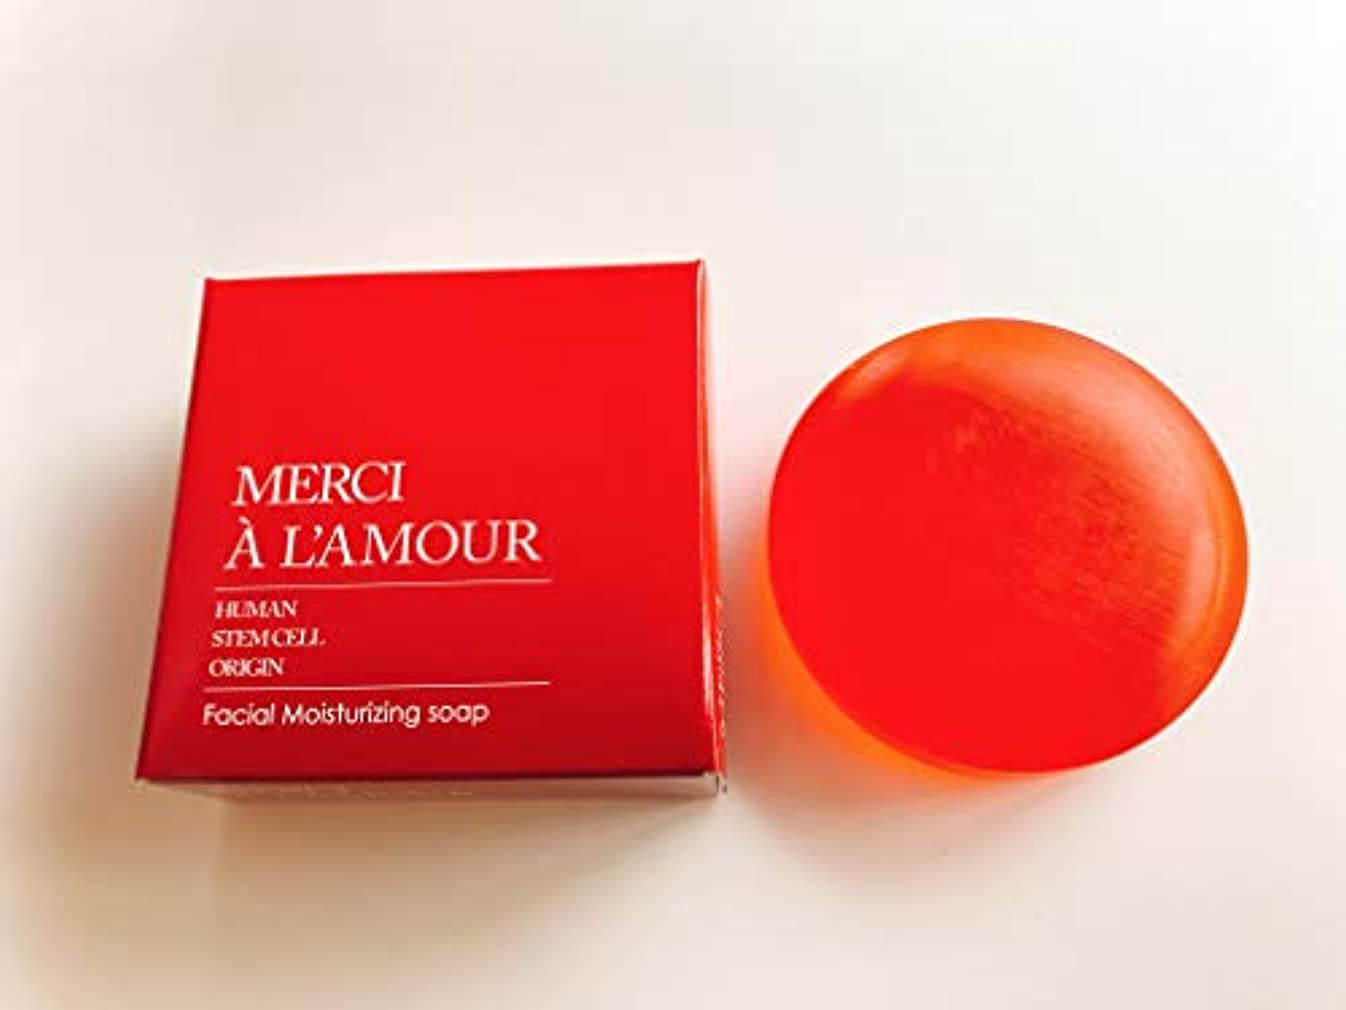 パース落とし穴メイドメルシアラムールソープ 高濃度ヒト幹細胞培養液配合 80g